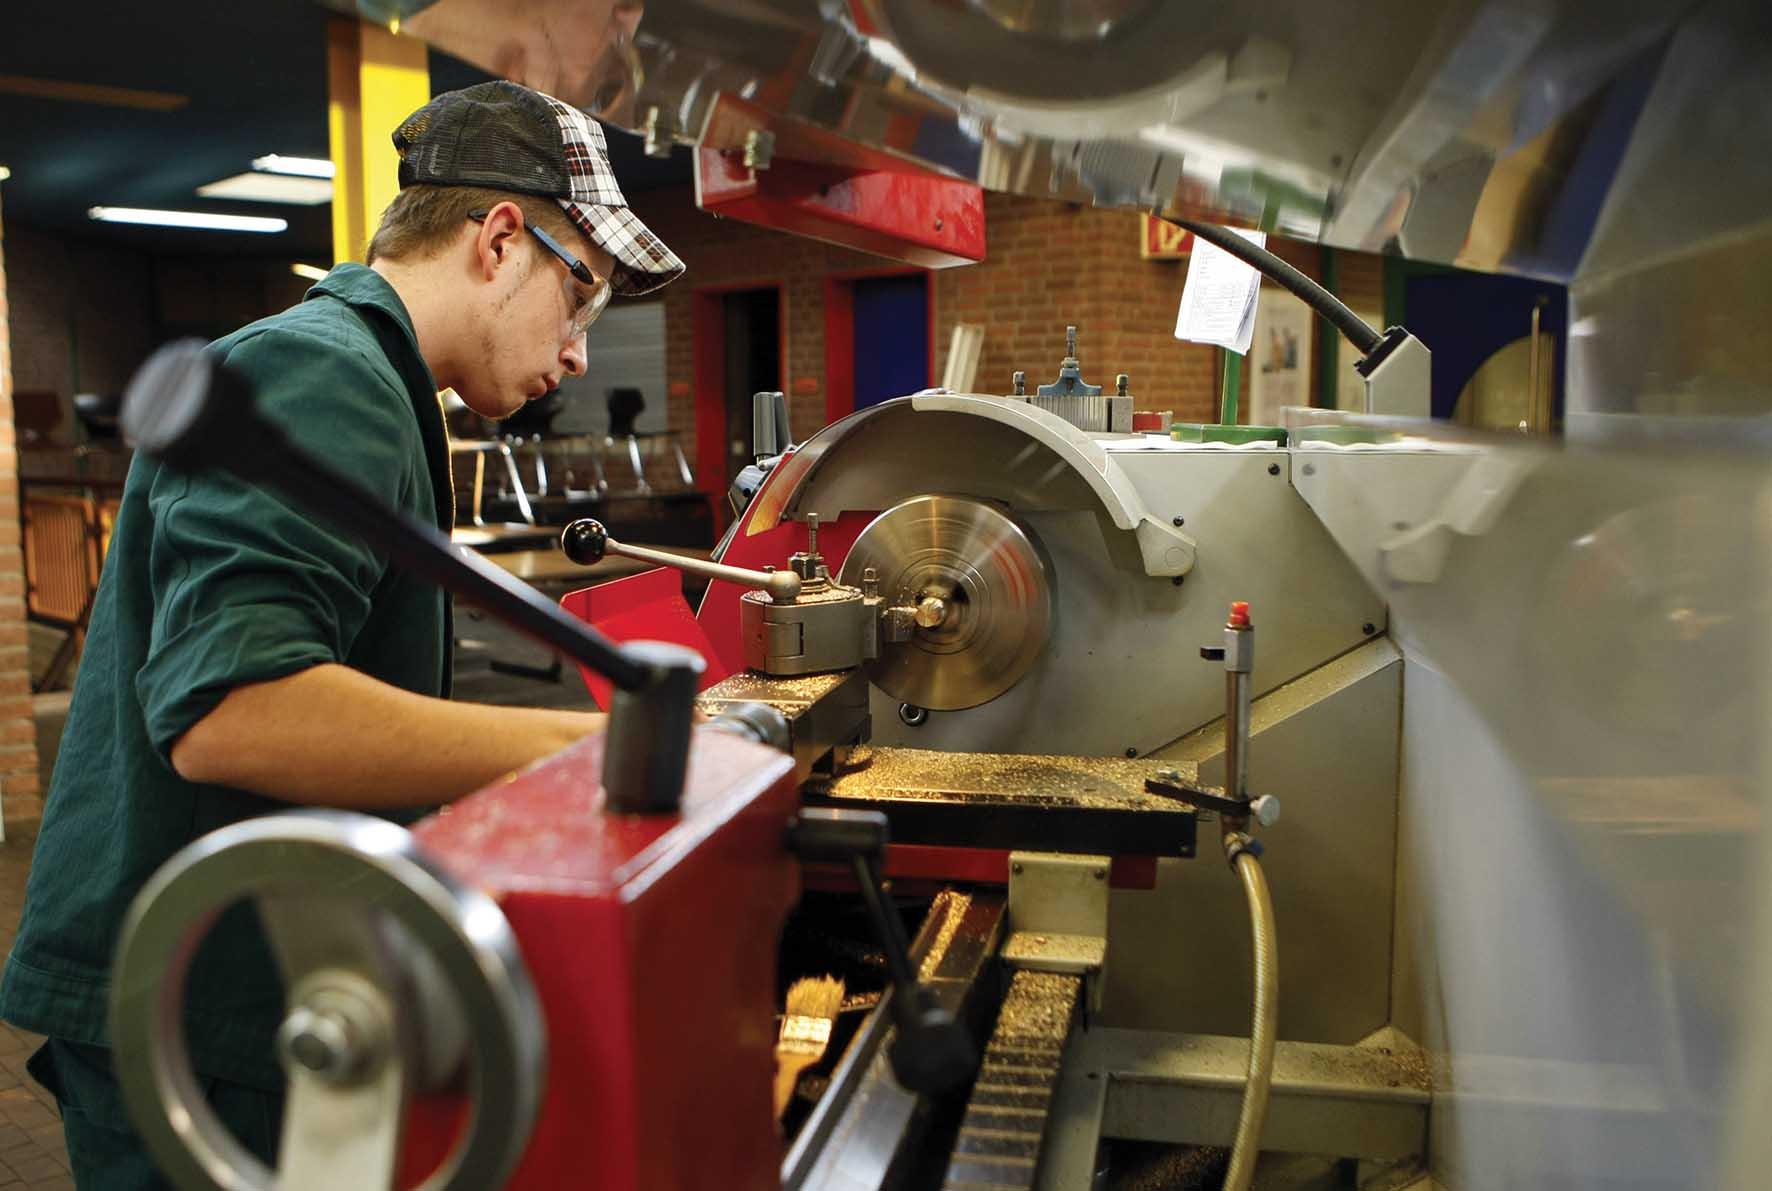 metalmeccanica industria operario tornitore